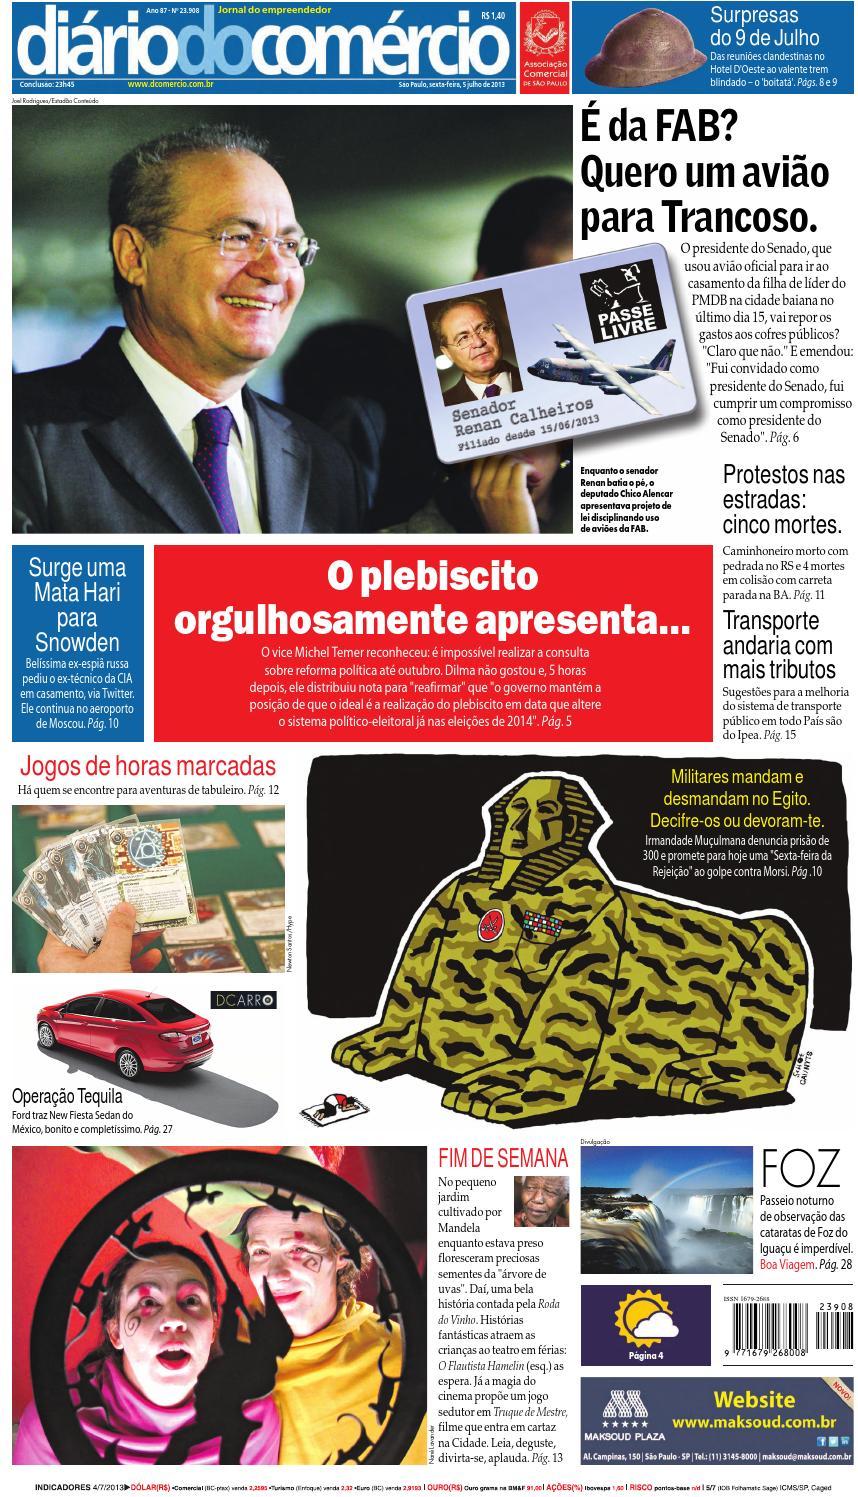 Diário do Comércio - 05 07 2013 by Diário do Comércio - issuu 9e833f78659